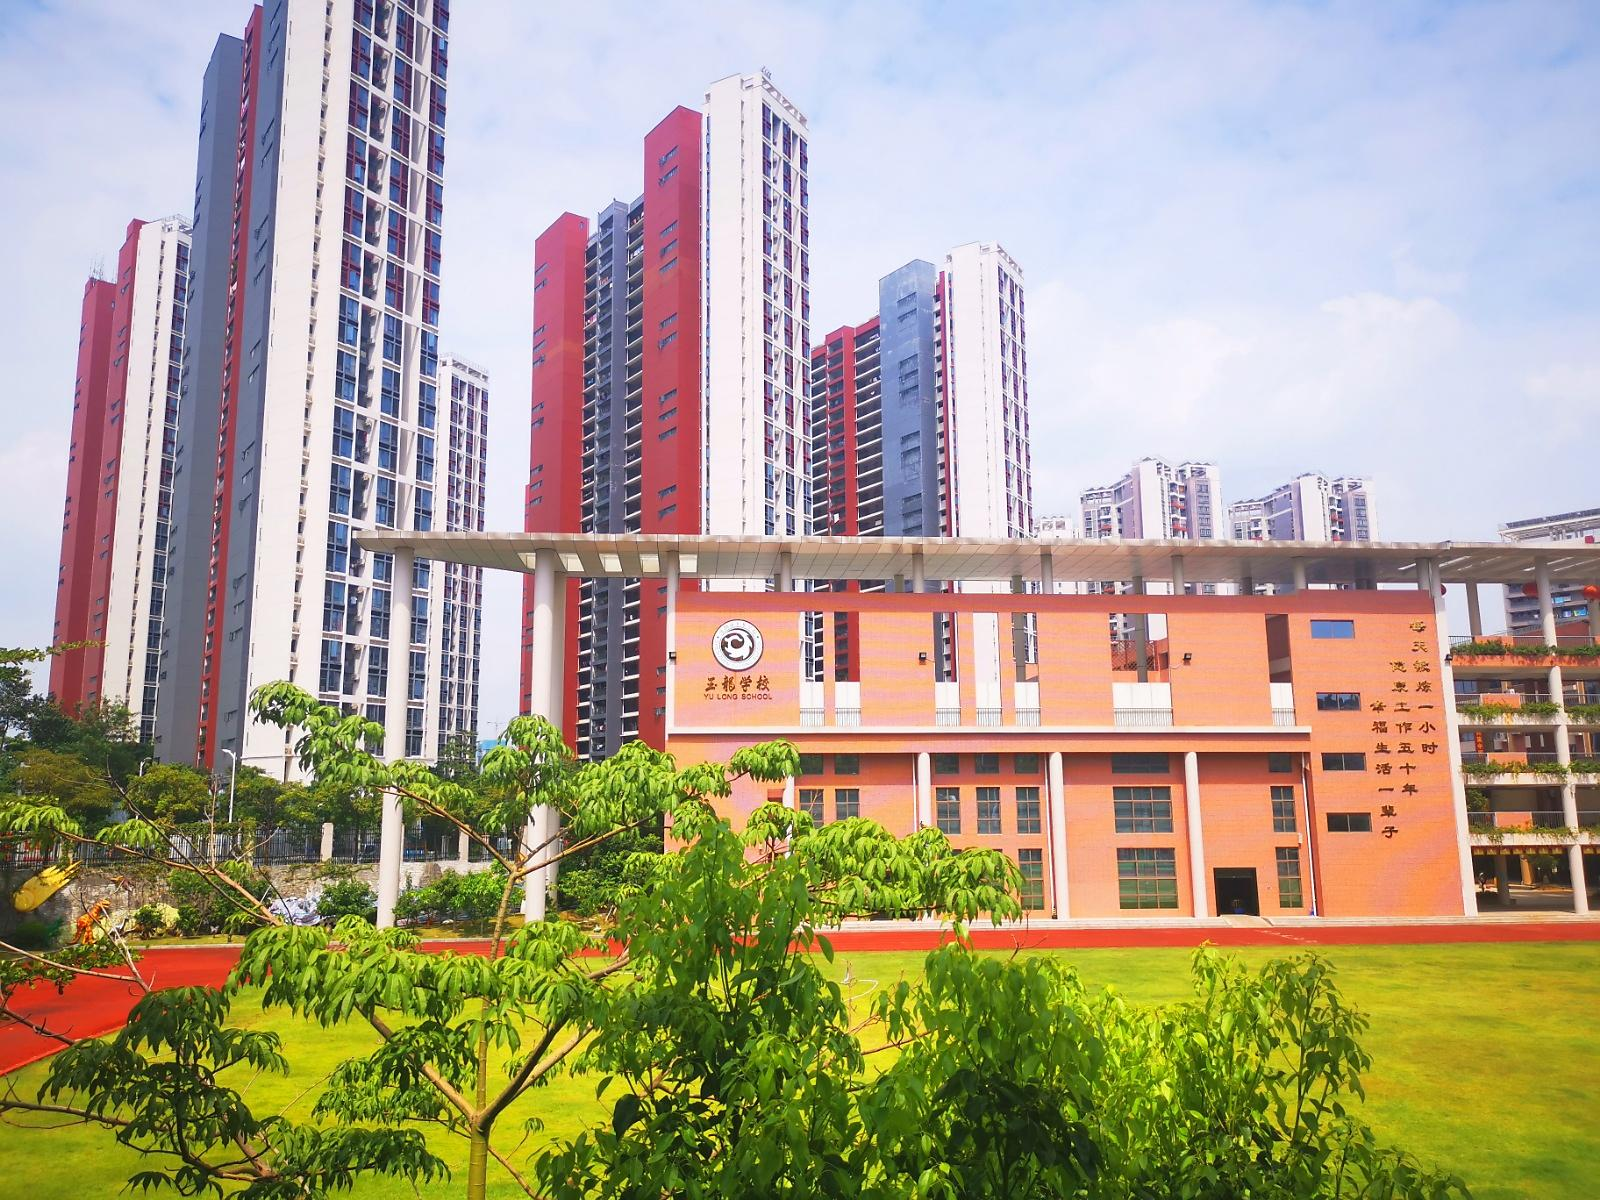 深圳市龙华新区玉龙学校(小学部)1